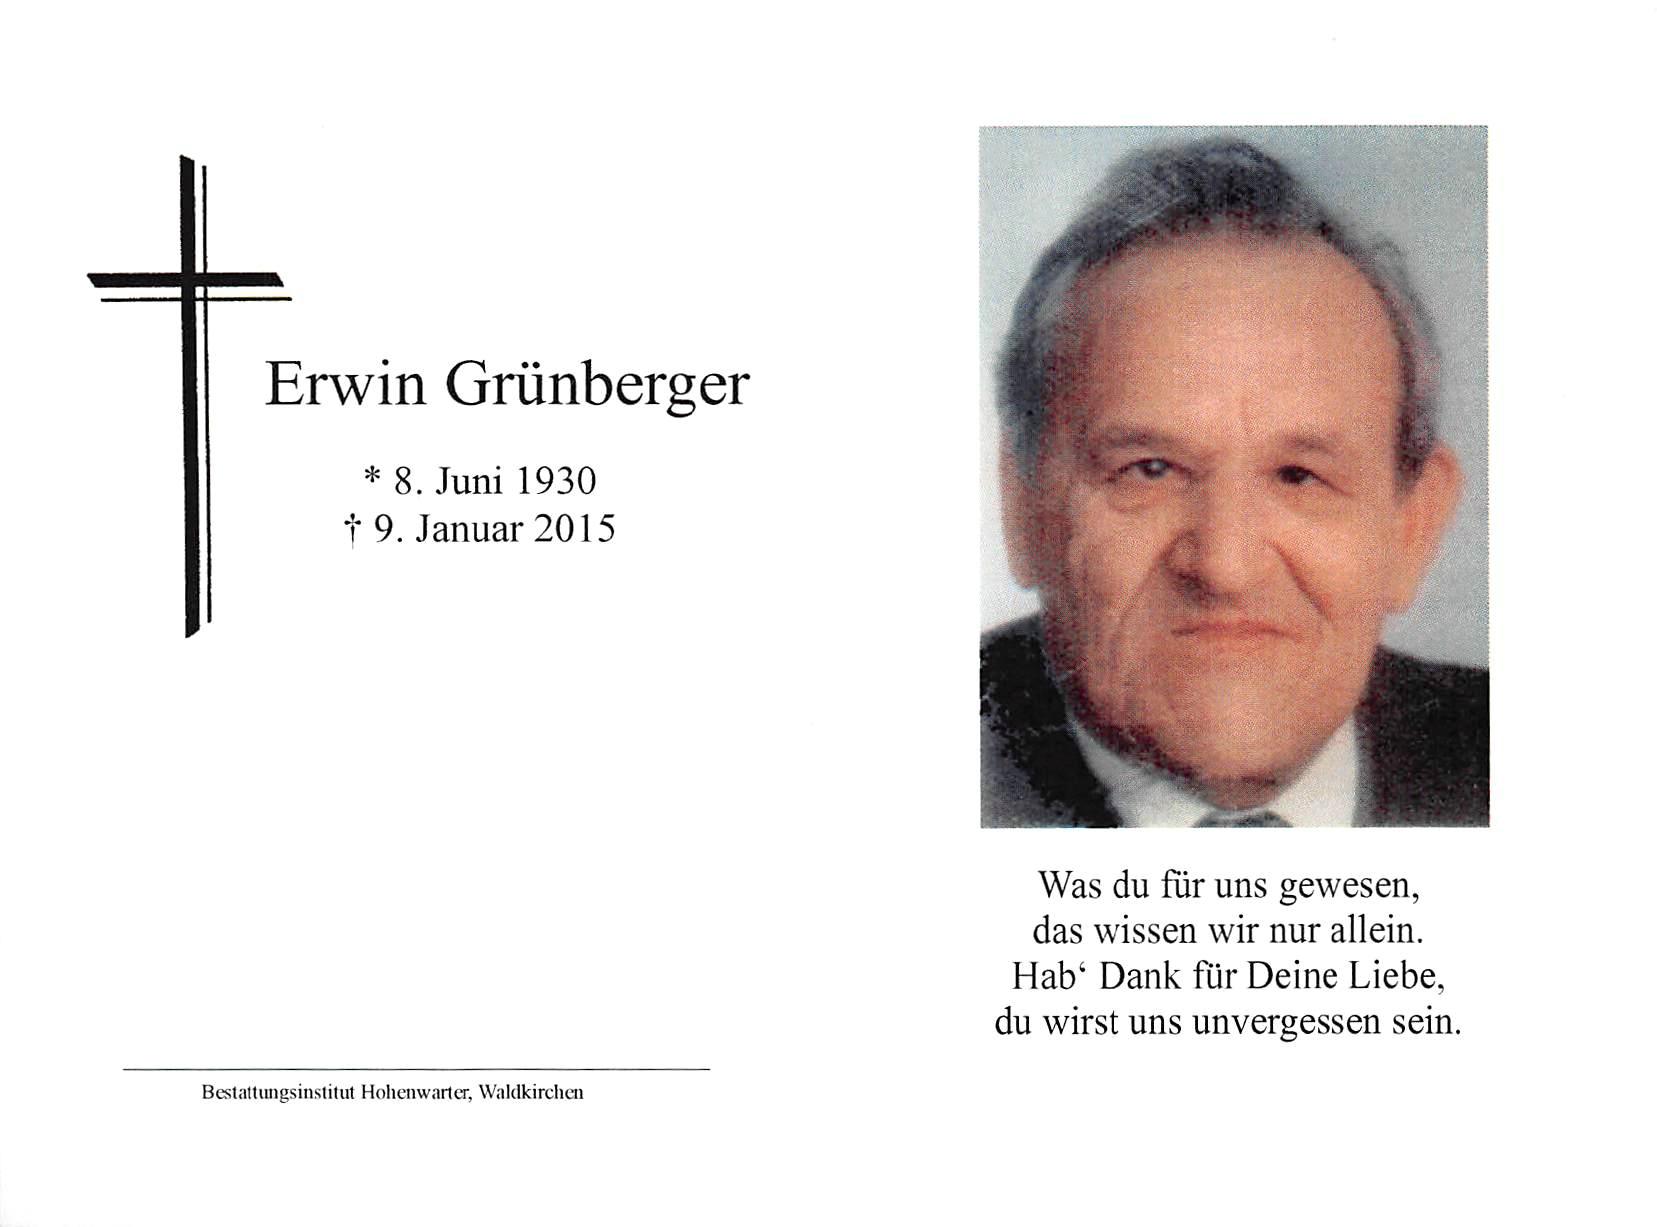 2015-01-09-Grünberger-Erwin-Hutterer-Hauzenberg